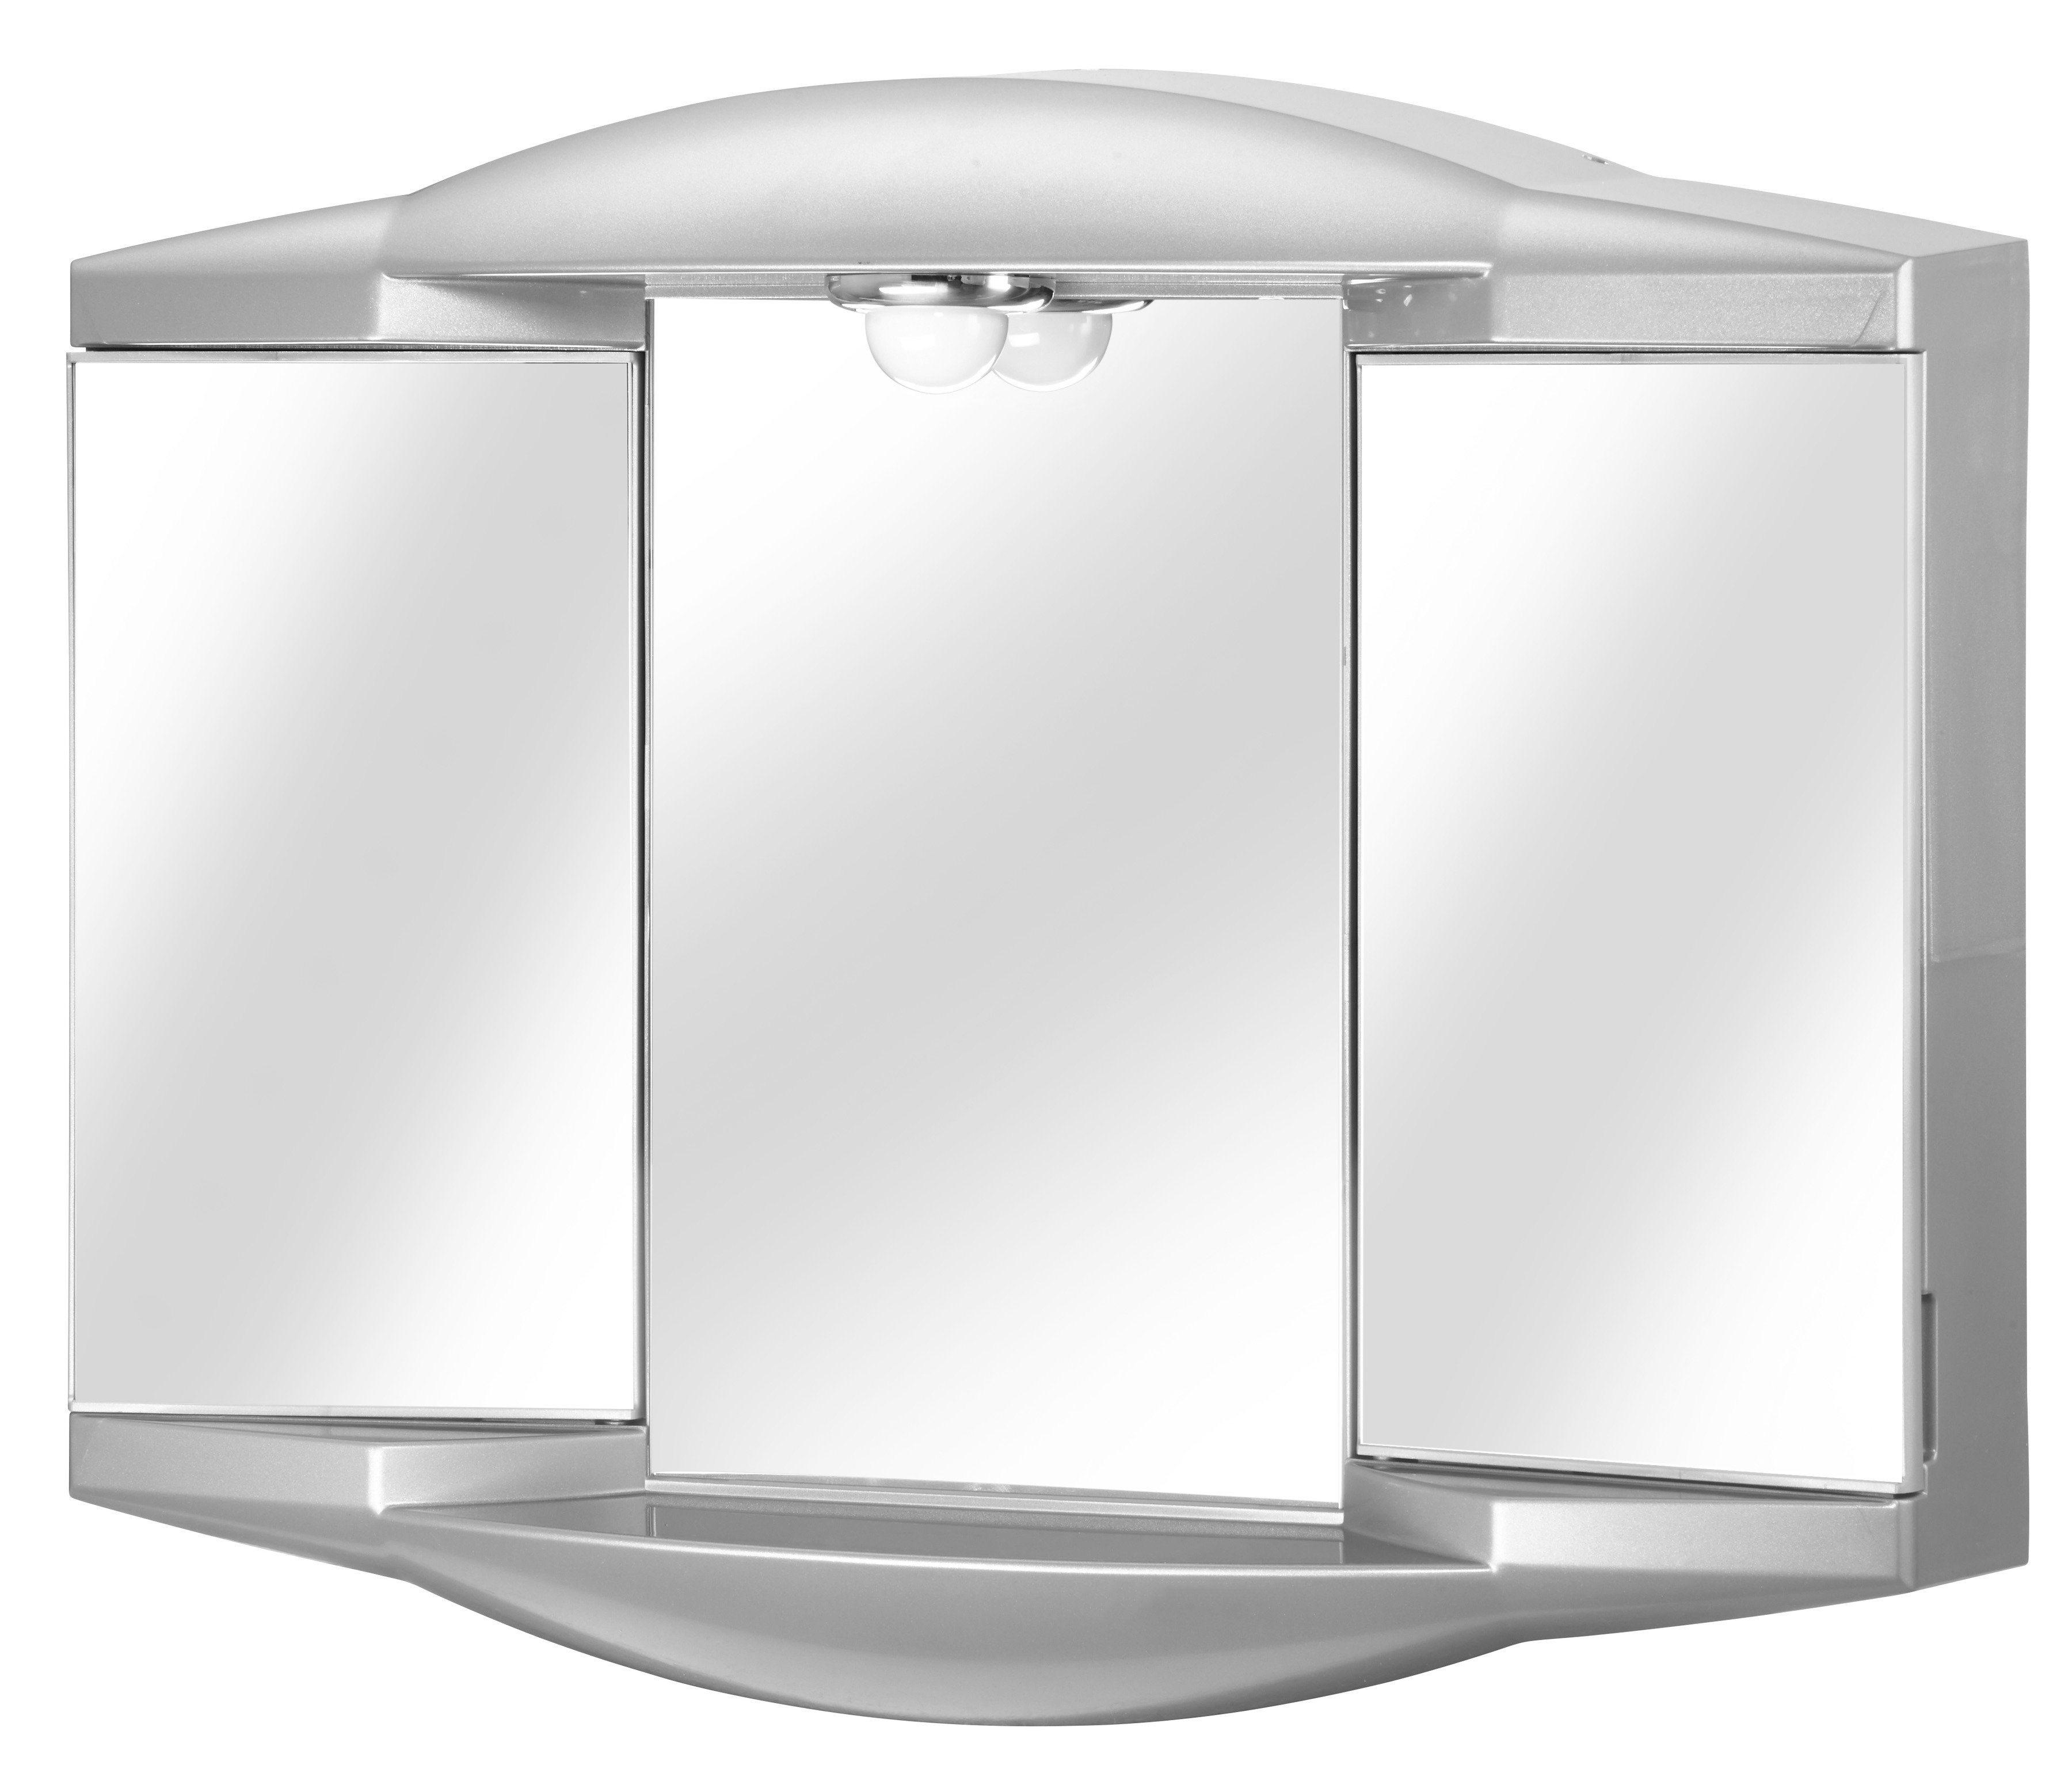 jokey spiegelschr nke f rs bad online kaufen m bel suchmaschine. Black Bedroom Furniture Sets. Home Design Ideas